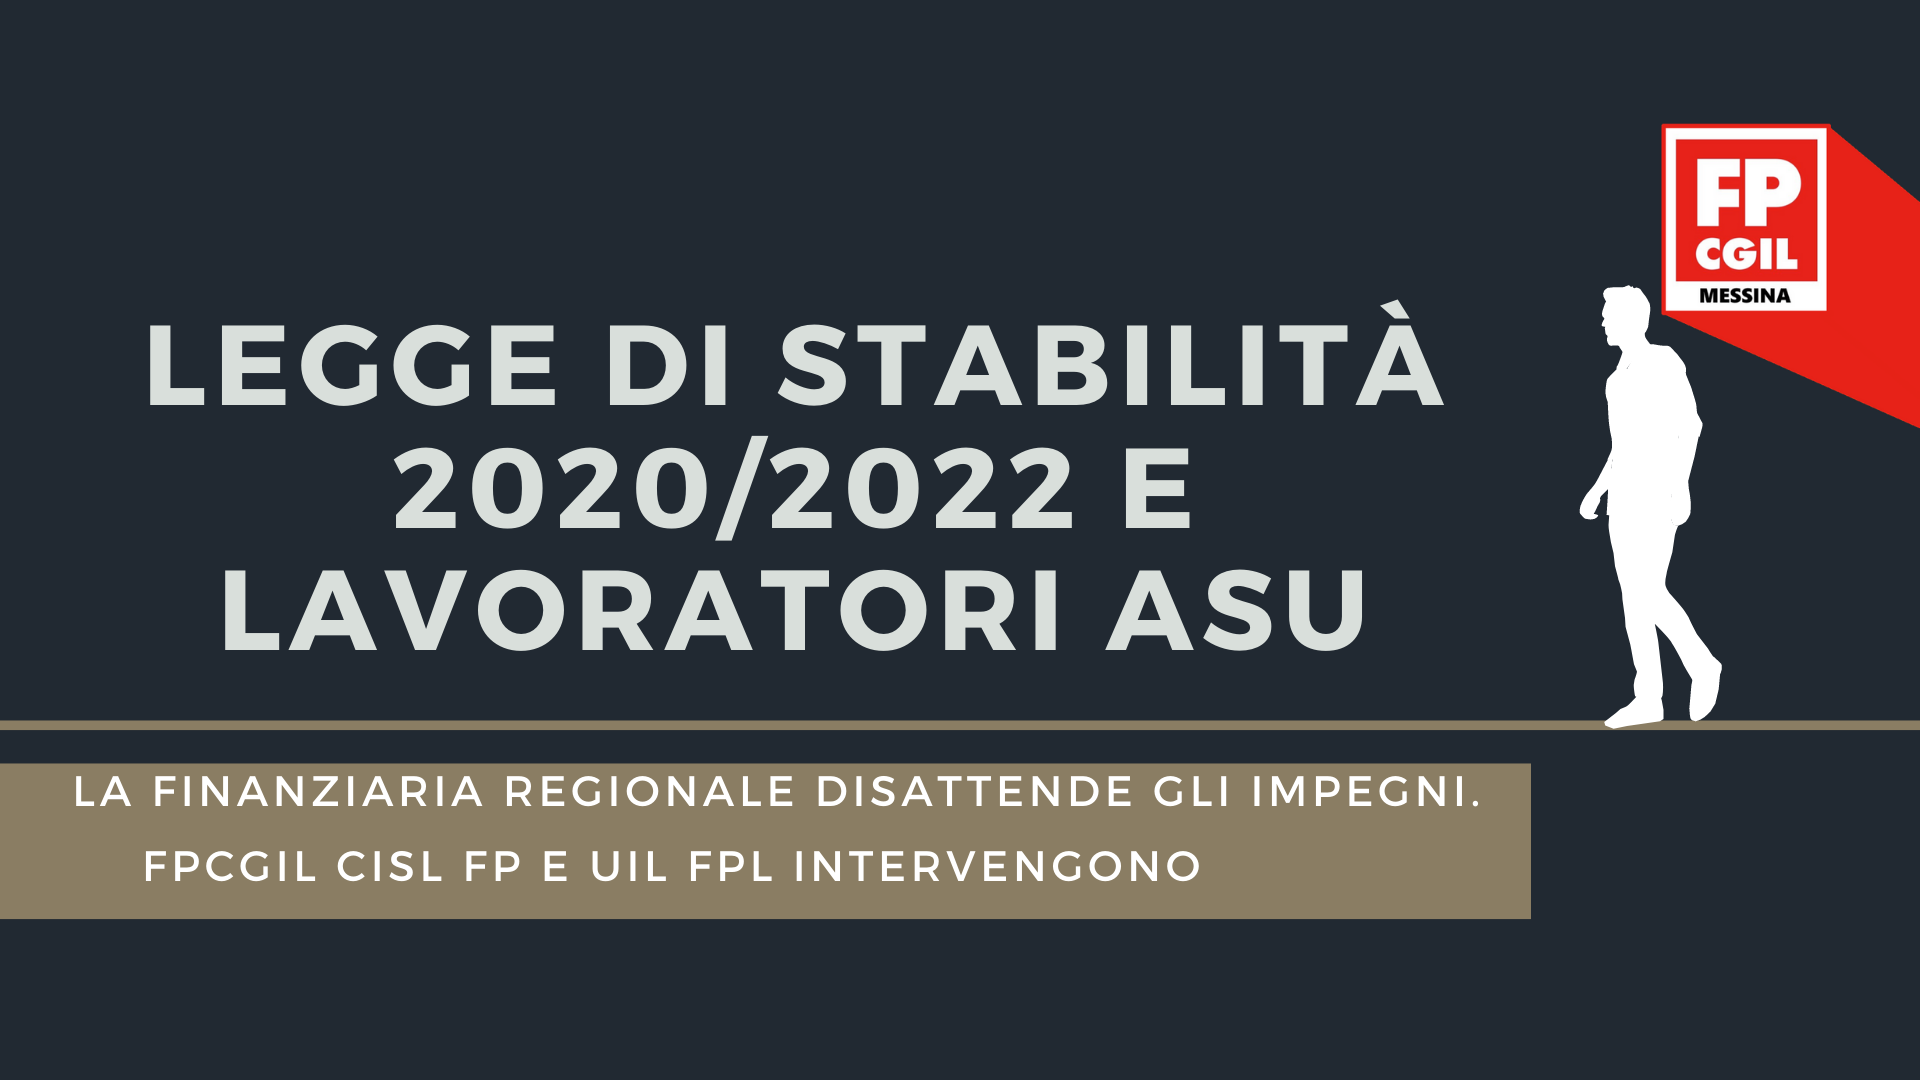 Legge di stabilità 2020/222 e Lavoratori ASU